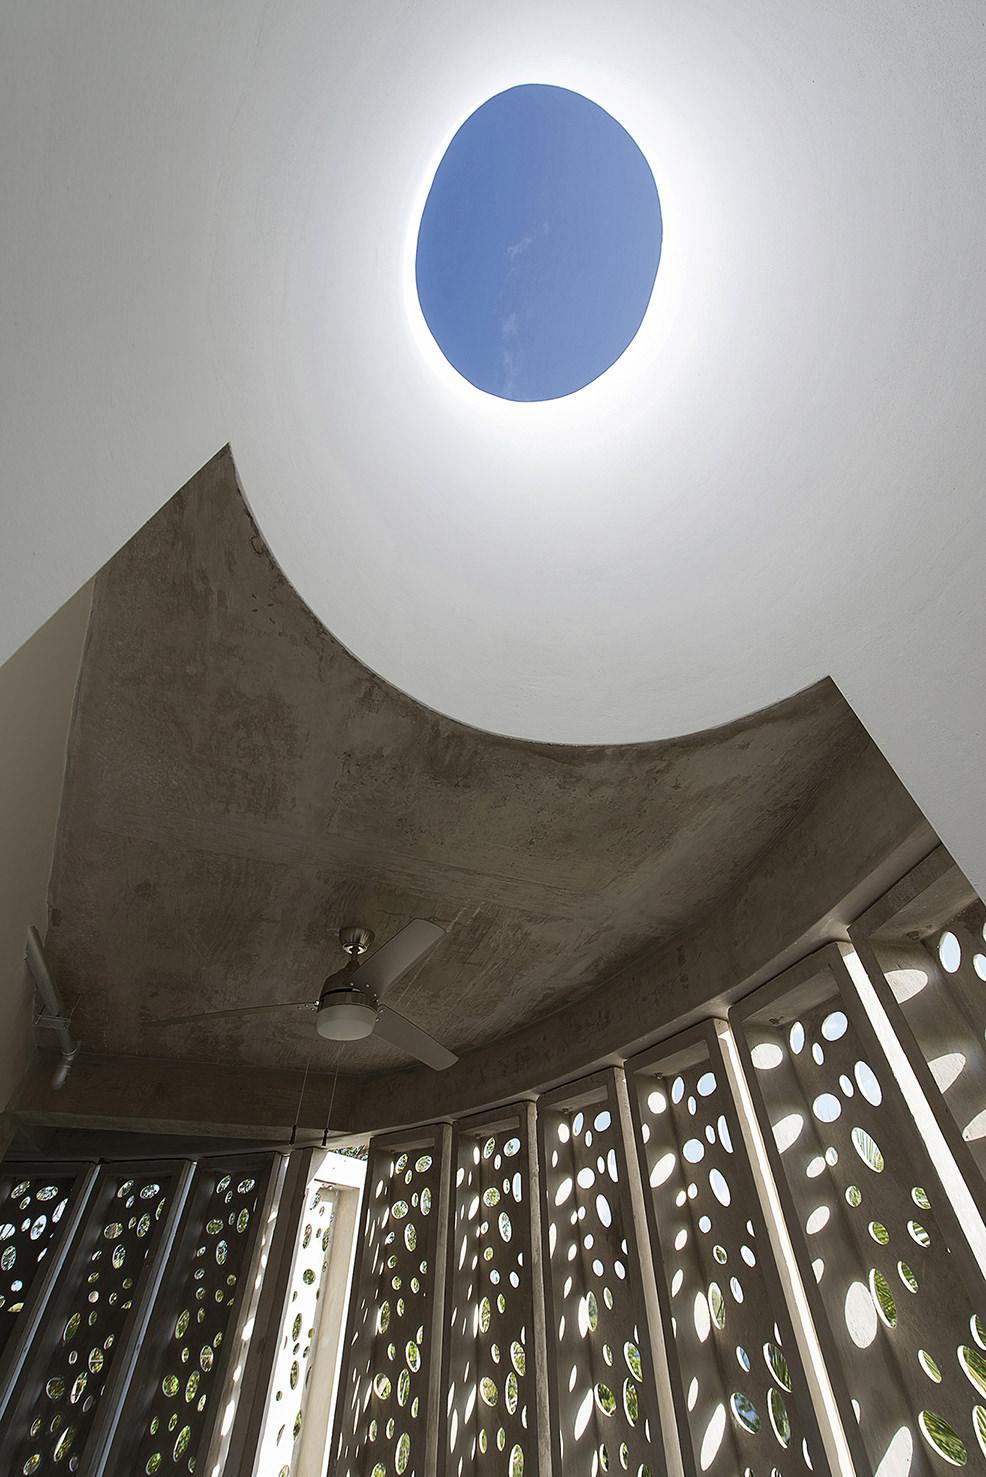 El blok hotel natural light skylight vieques puerto rico.jpg